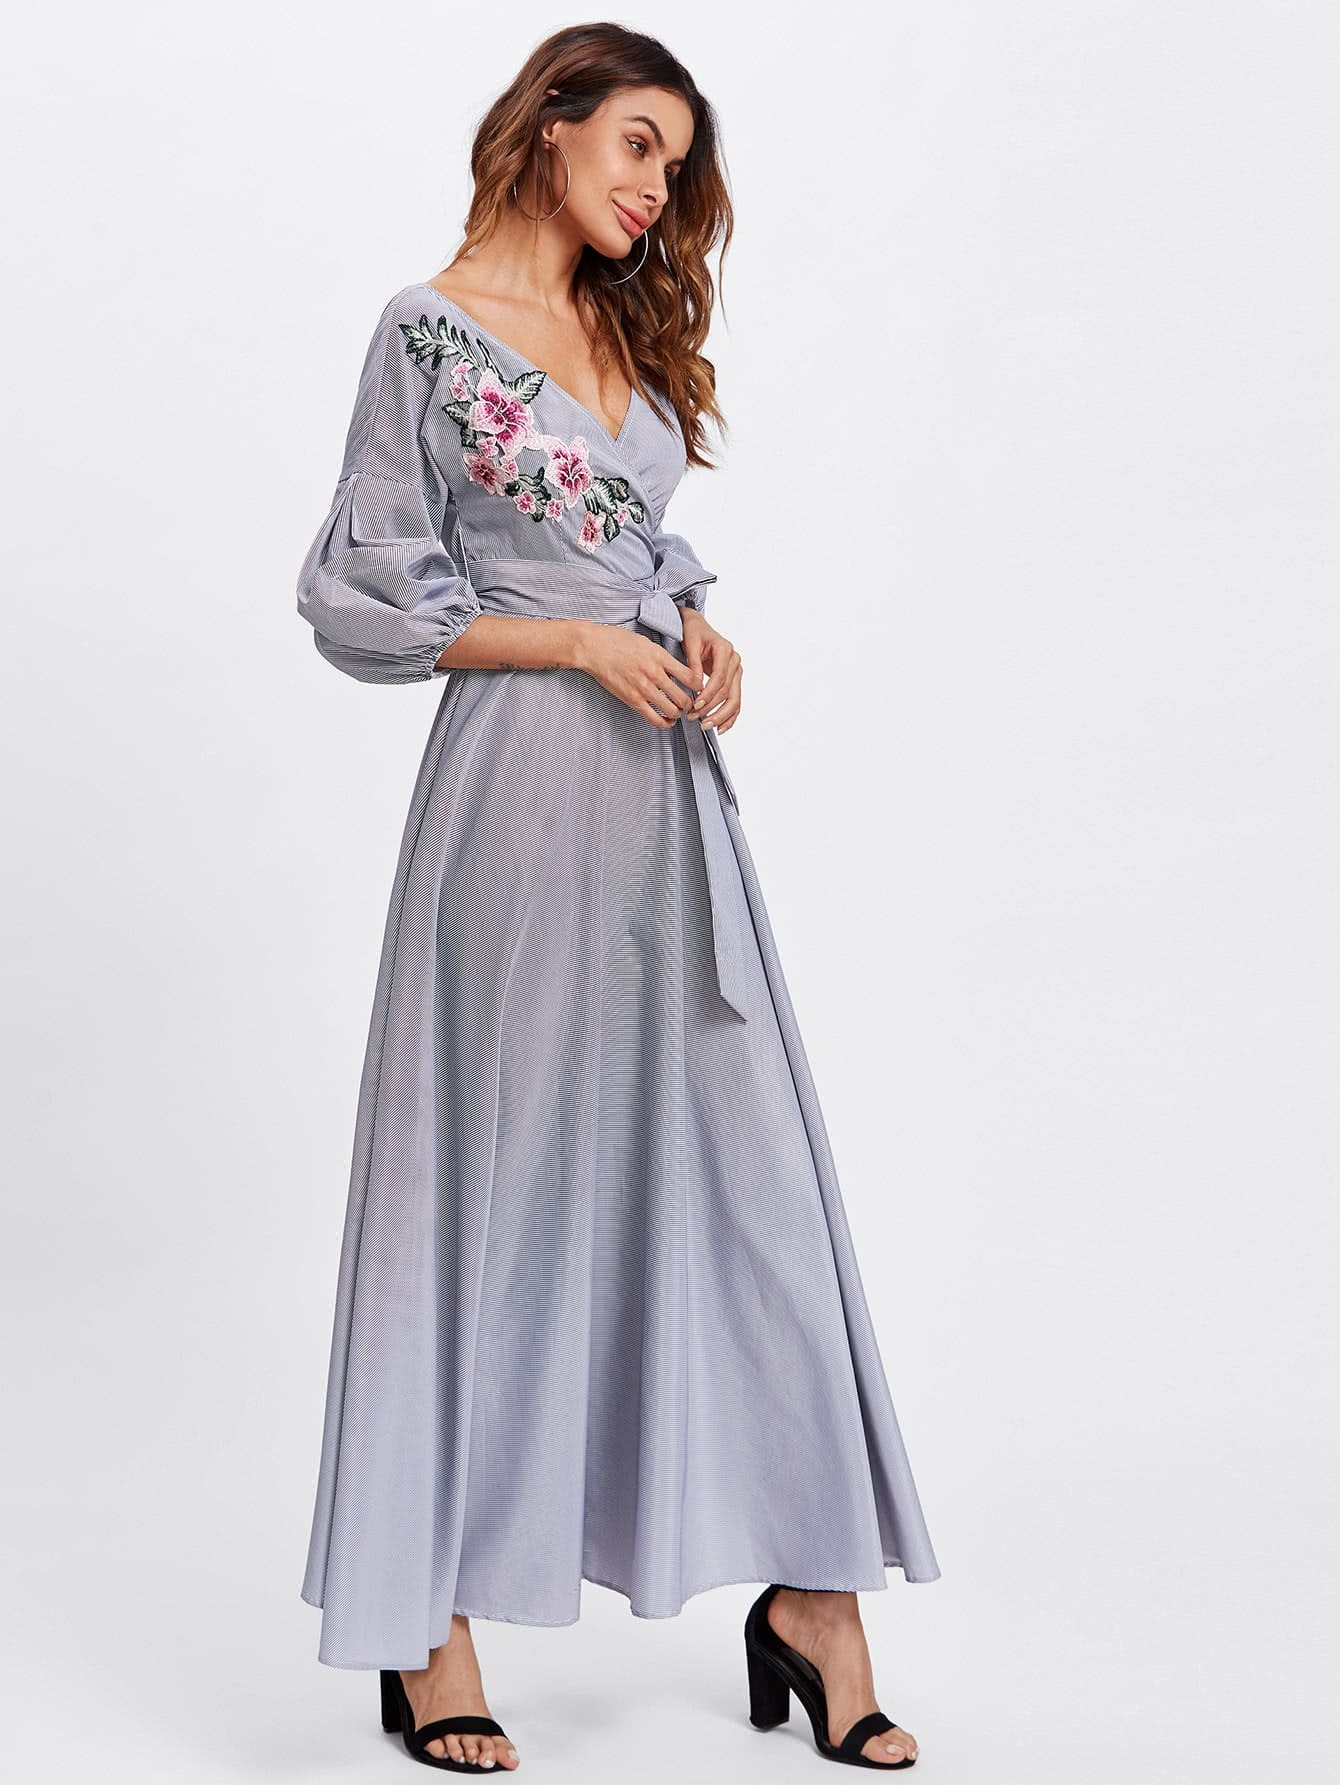 Kleid mit Blumen Flicken und Puffärmeln - German SheIn(Sheinside)